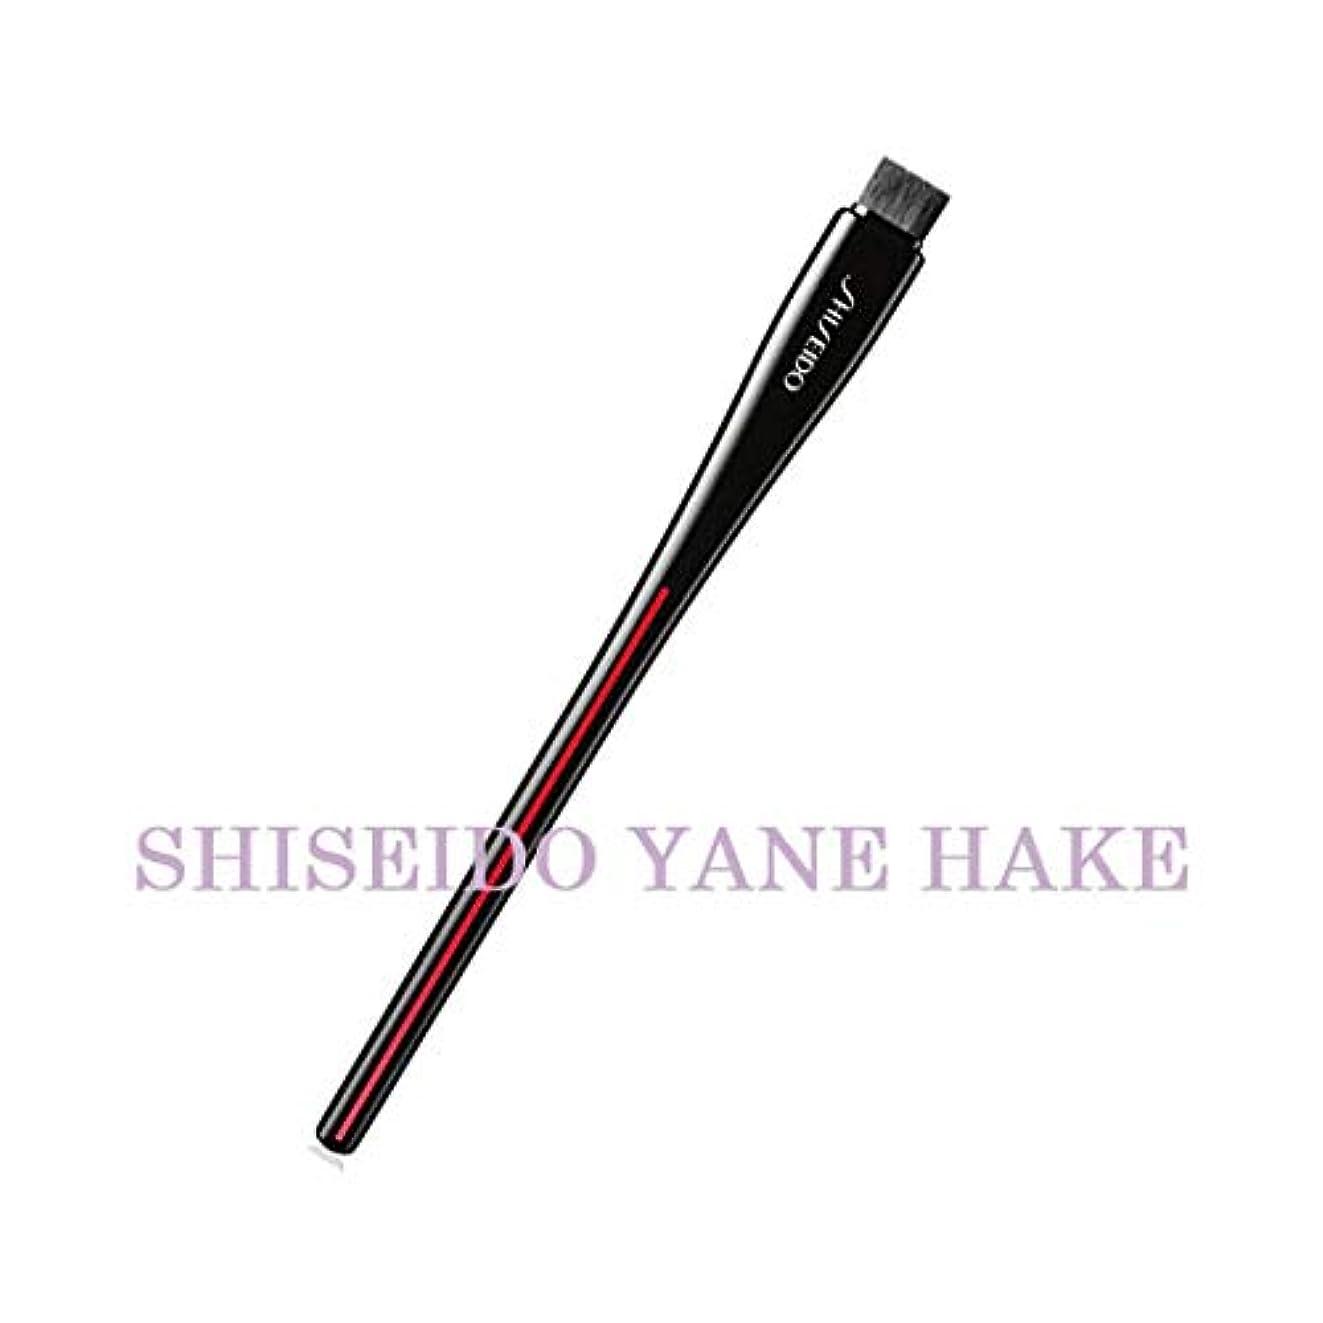 生命体直径腹部SHISEIDO Makeup(資生堂 メーキャップ) SHISEIDO(資生堂) SHISEIDO YANE HAKE プレシジョン アイブラシ